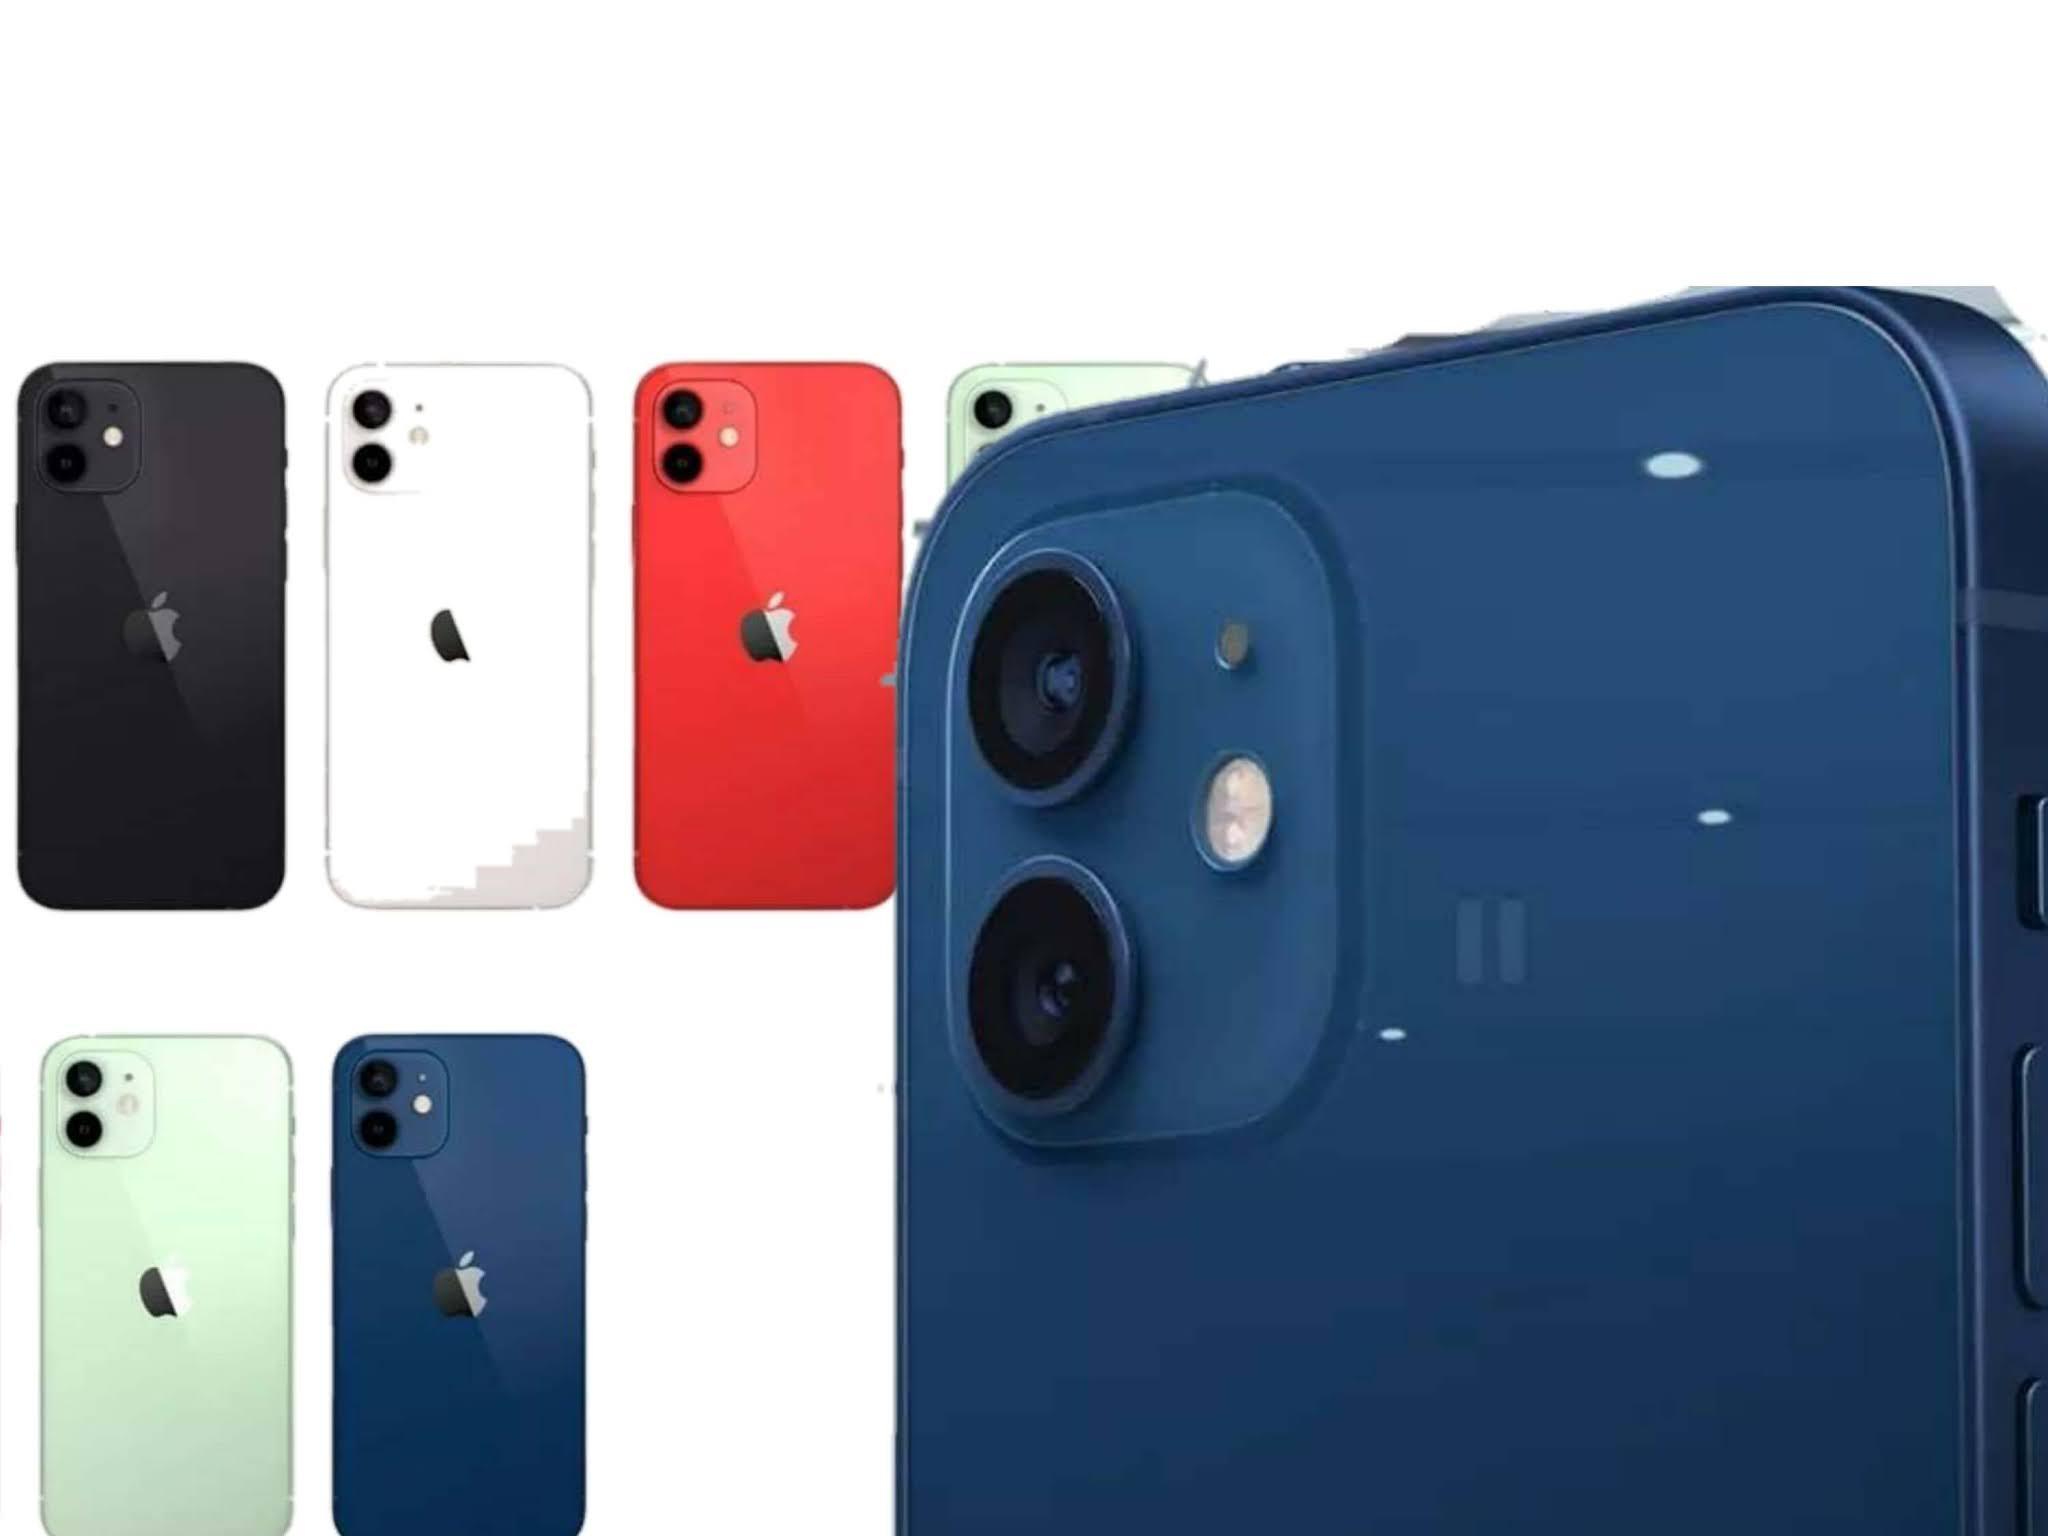 سعر ومواصفات آيفون 12 ميني الهاتف الأصغر في سلسلة آيفون 12